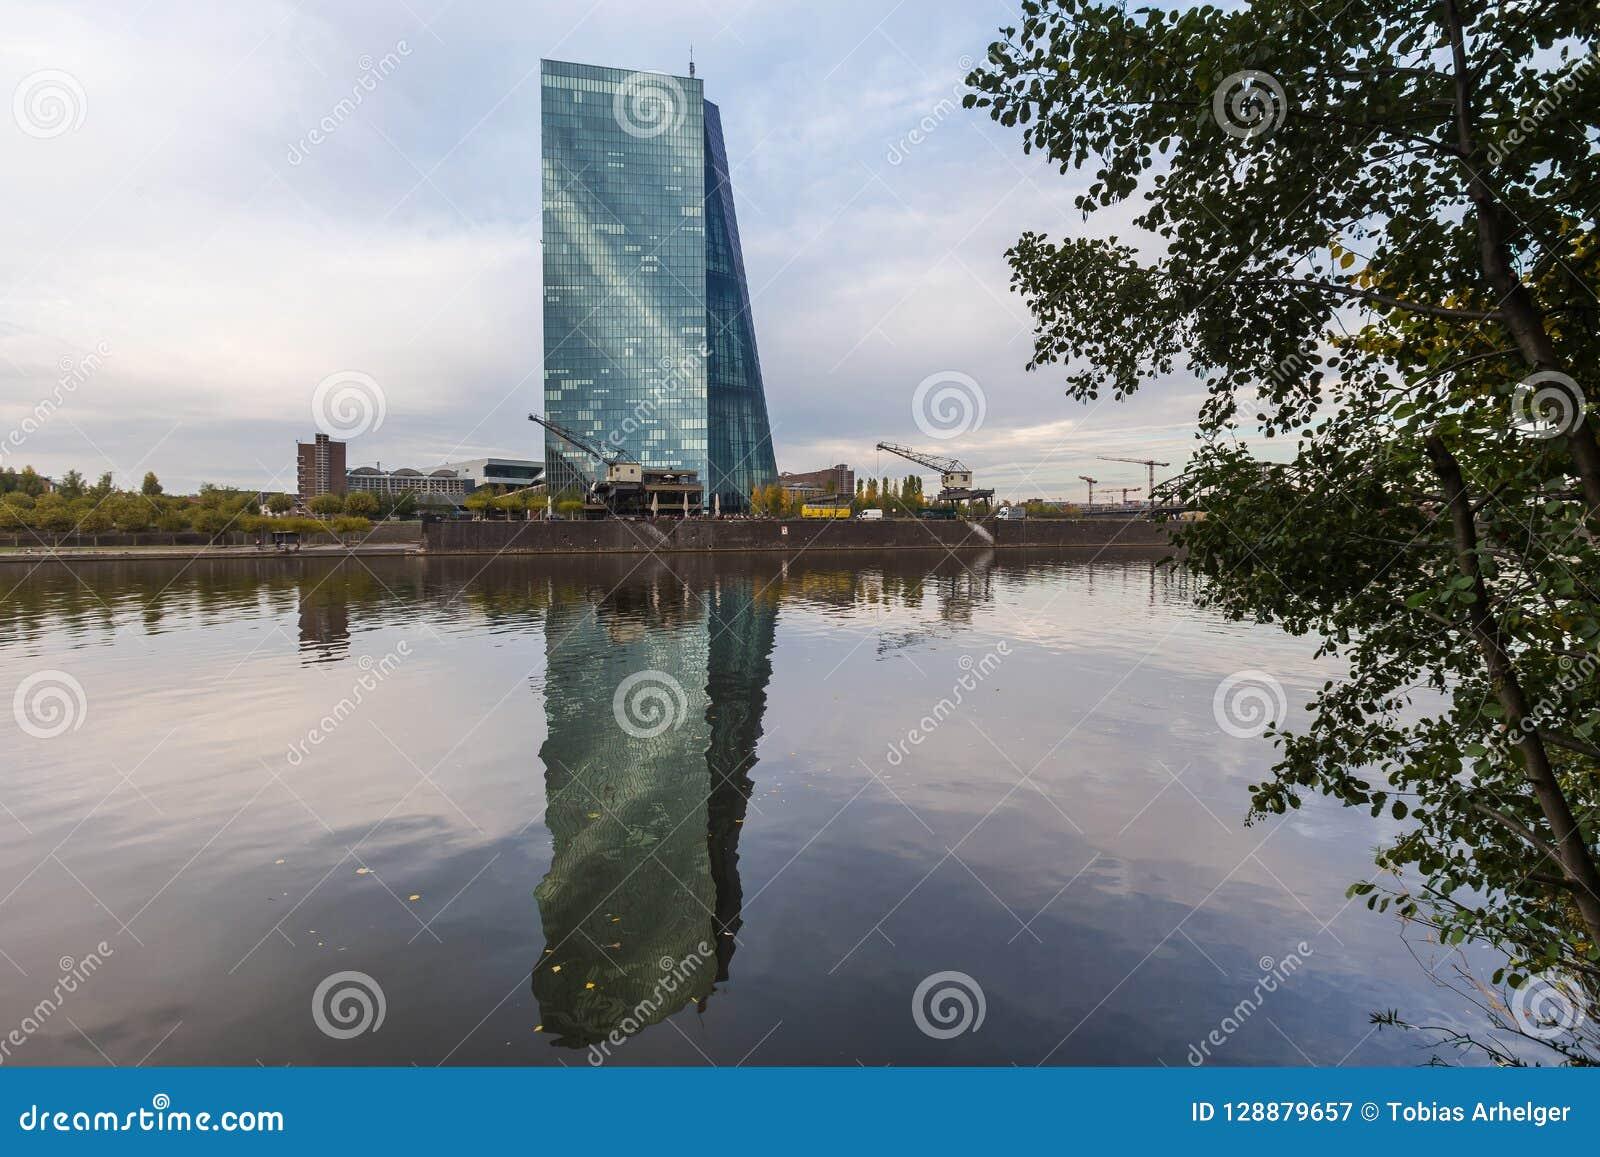 Francfort, Hesse/Alemania - 11 10 18: edificio de Banco Central Europeo en Francfort Alemania